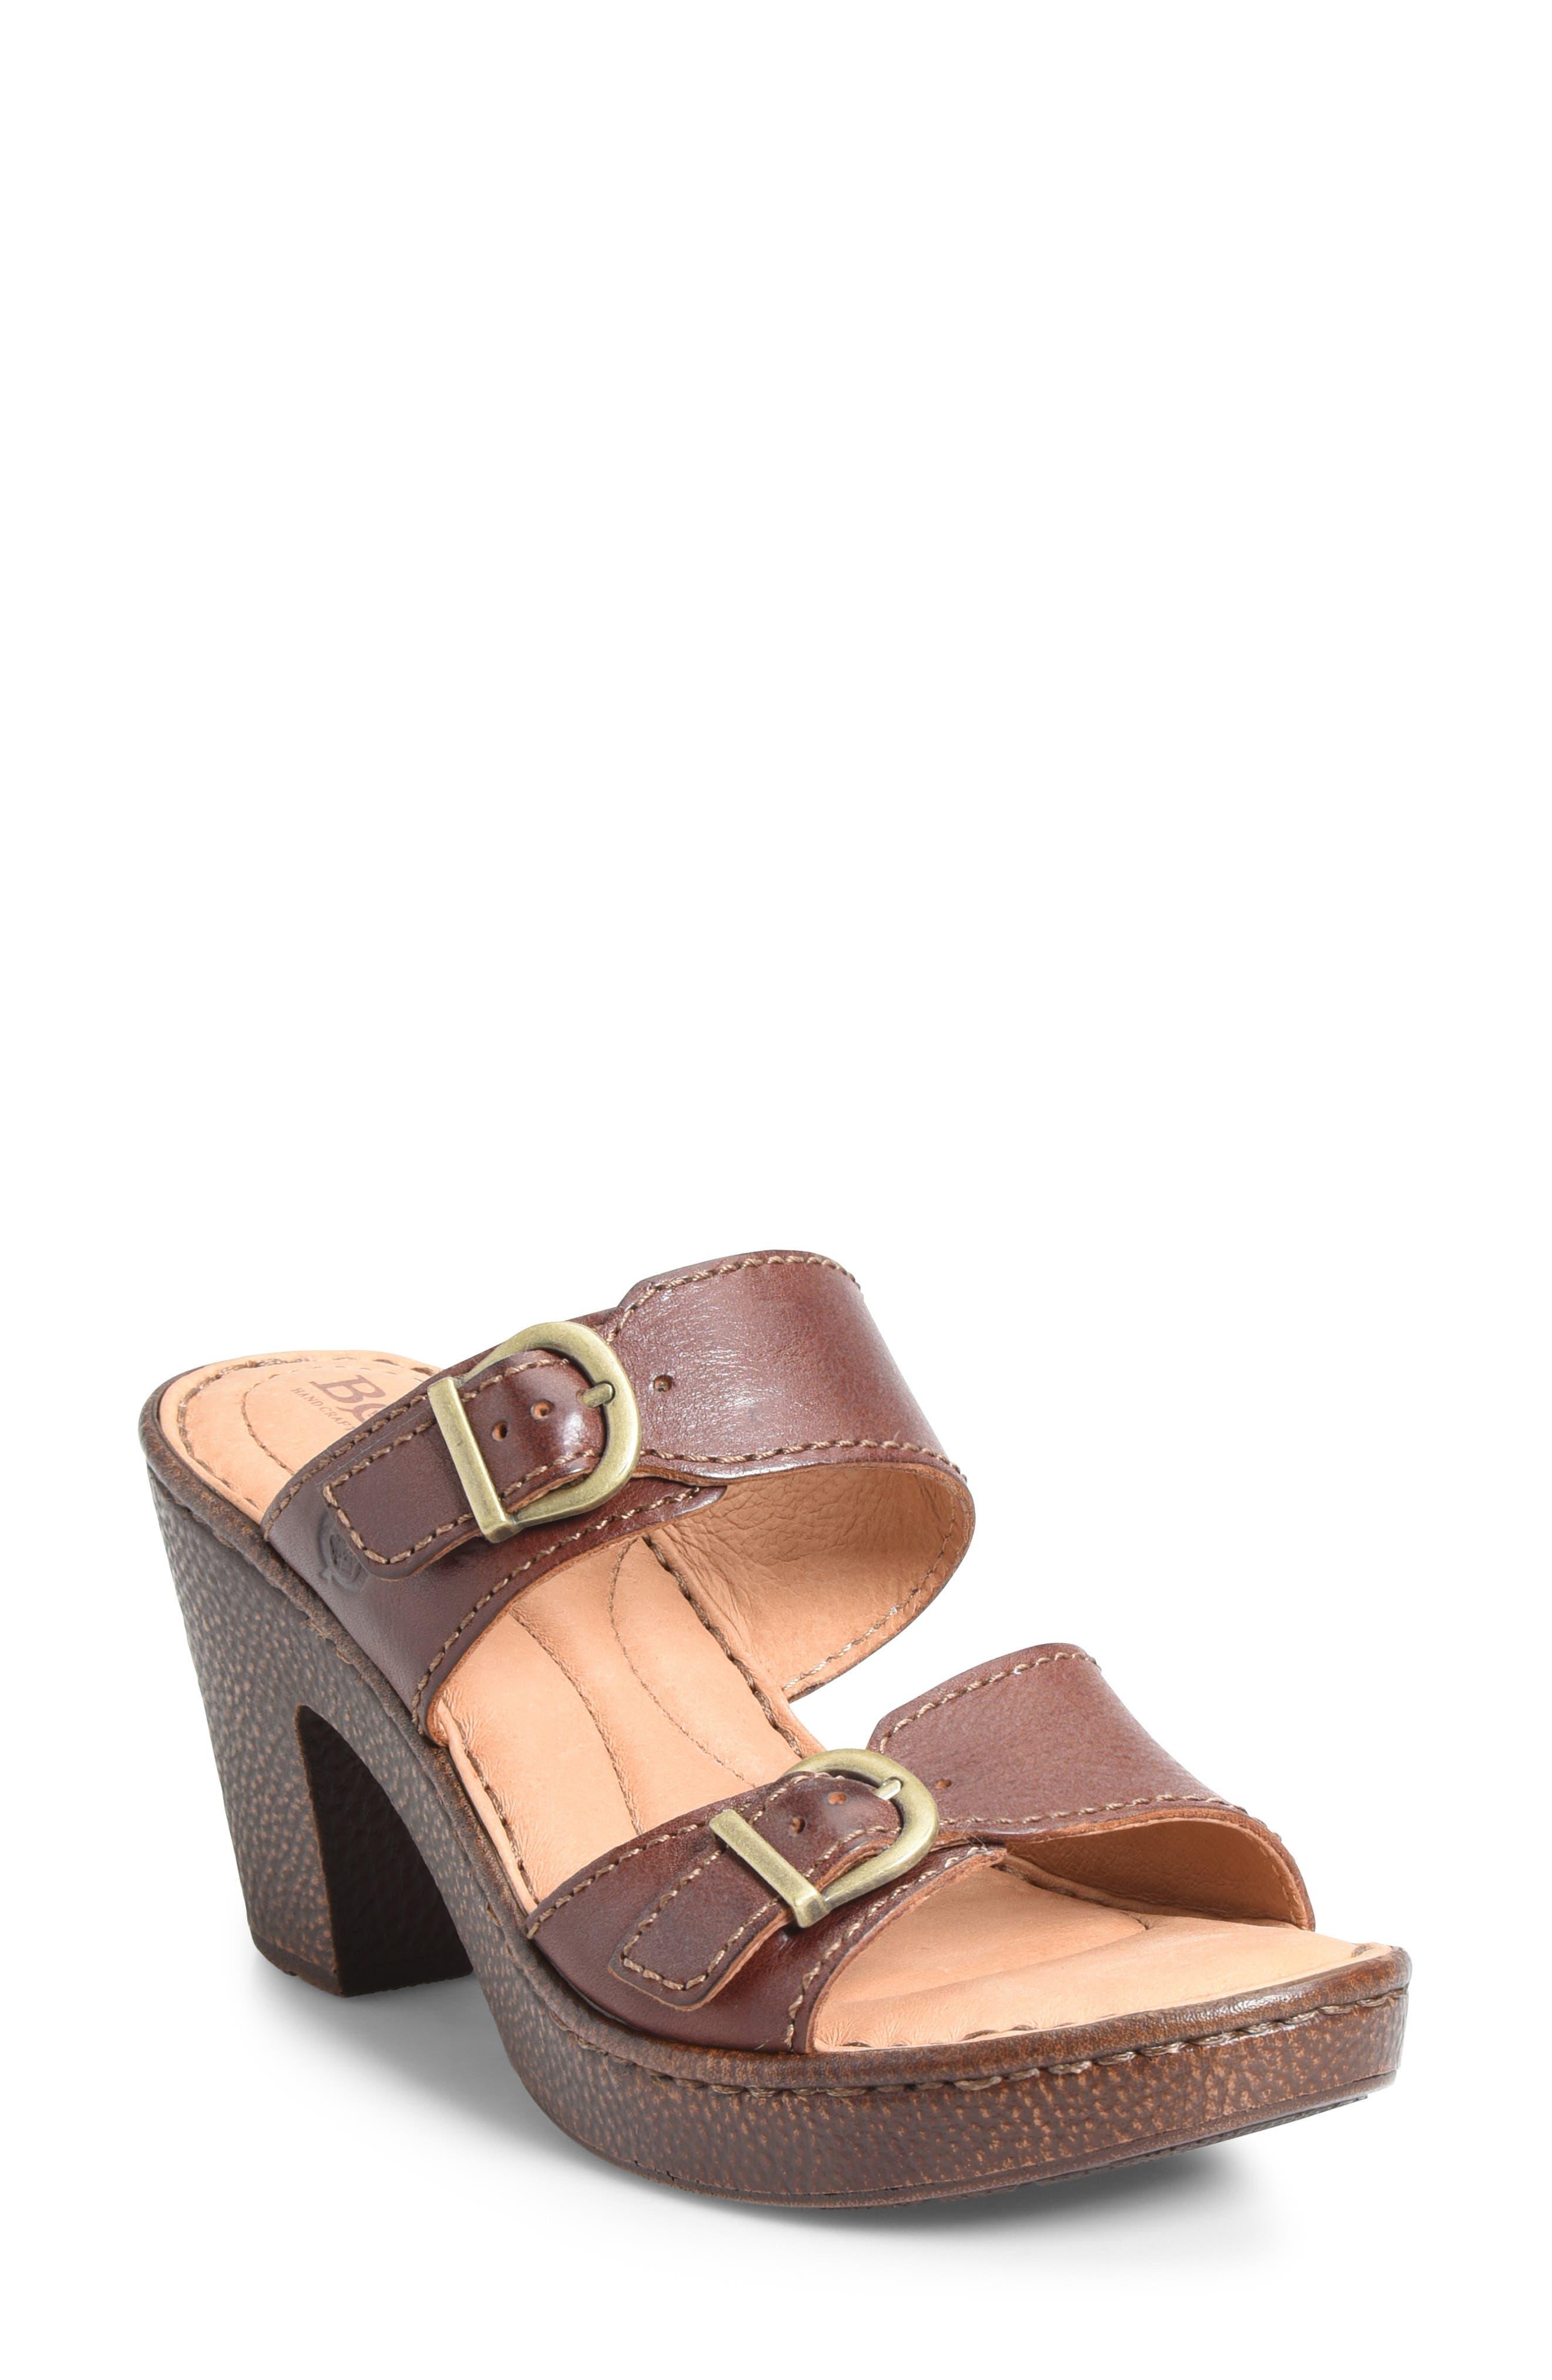 B?rn Wallowa Sandal